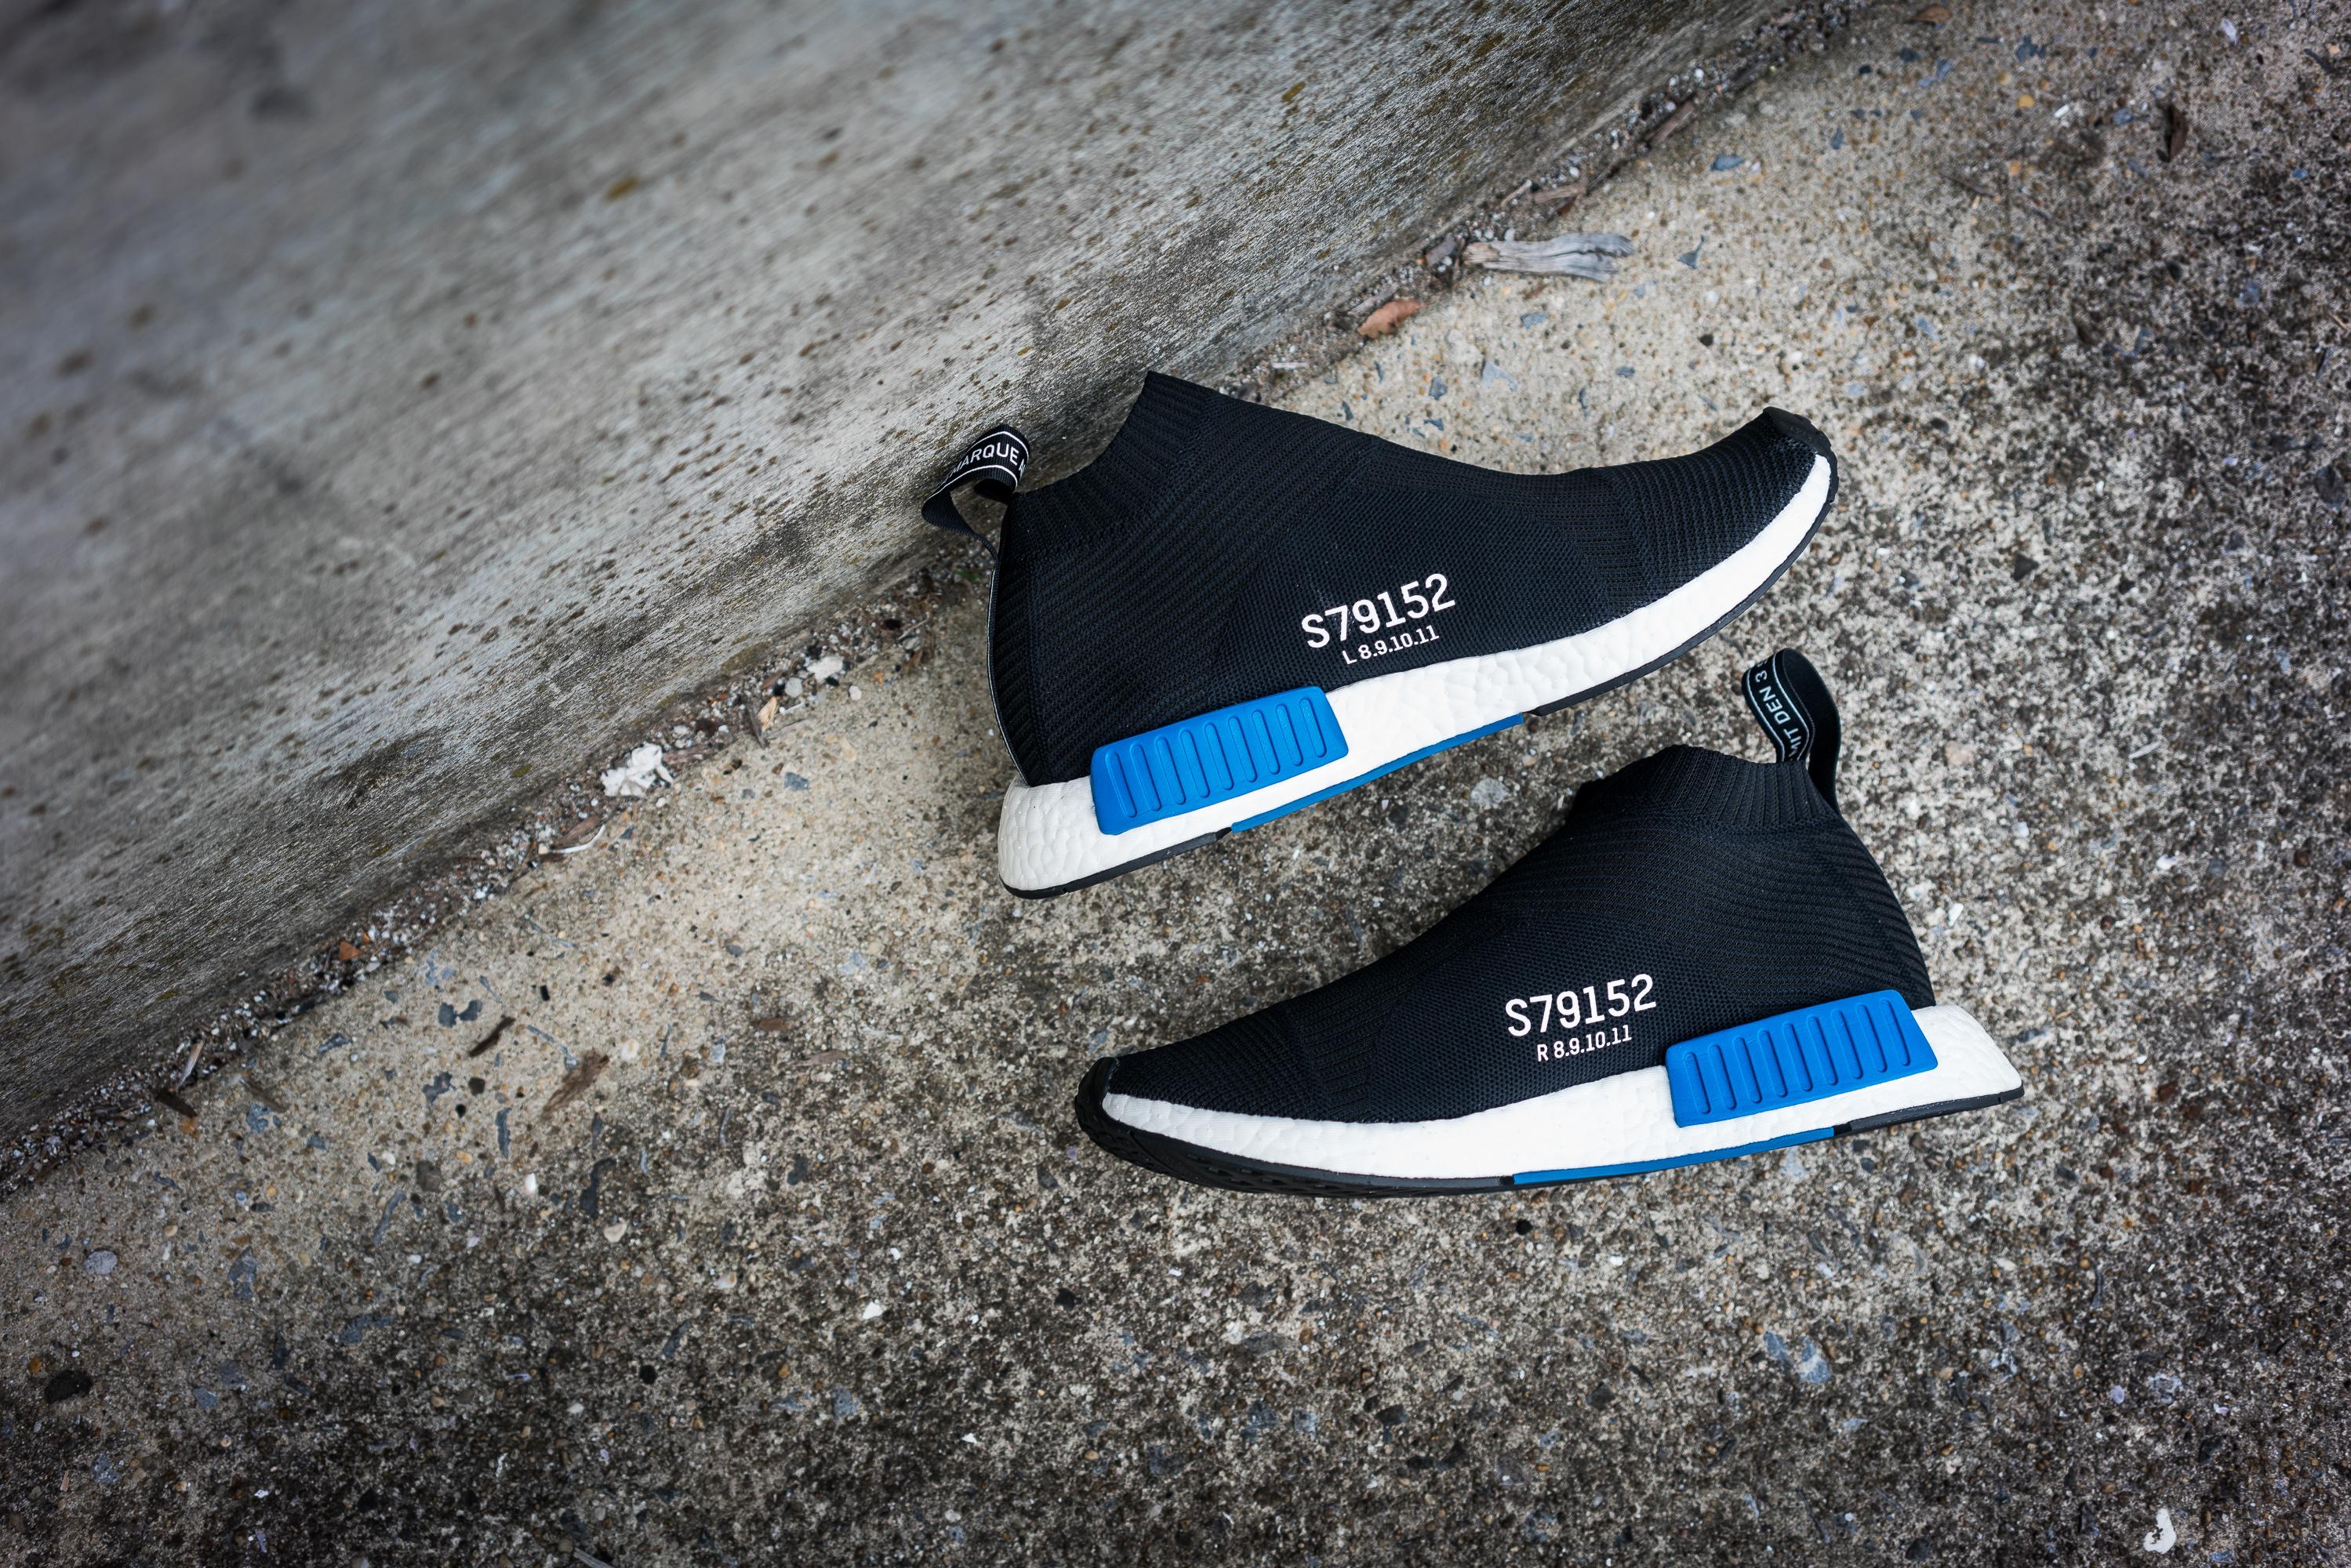 dla całej rodziny hurtownia online szczegółowy wygląd The adidas NMD City Sock Primeknit is Set to Release This ...